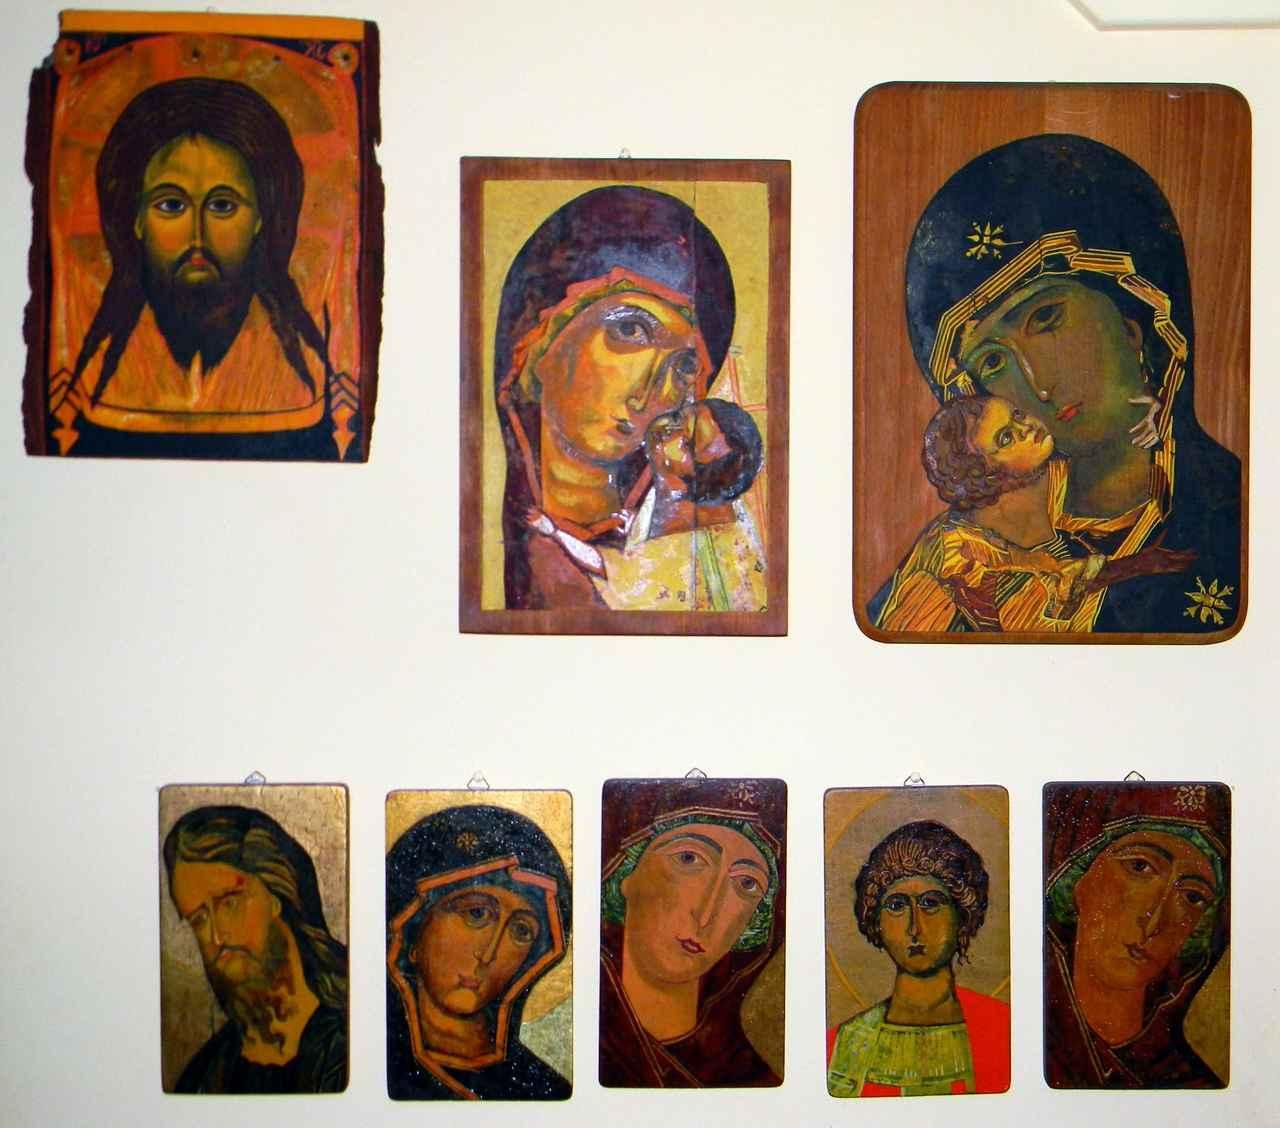 Beata-Sztark-ikony - całość zbioru zamyka się w prostokącie 70 cm x 78